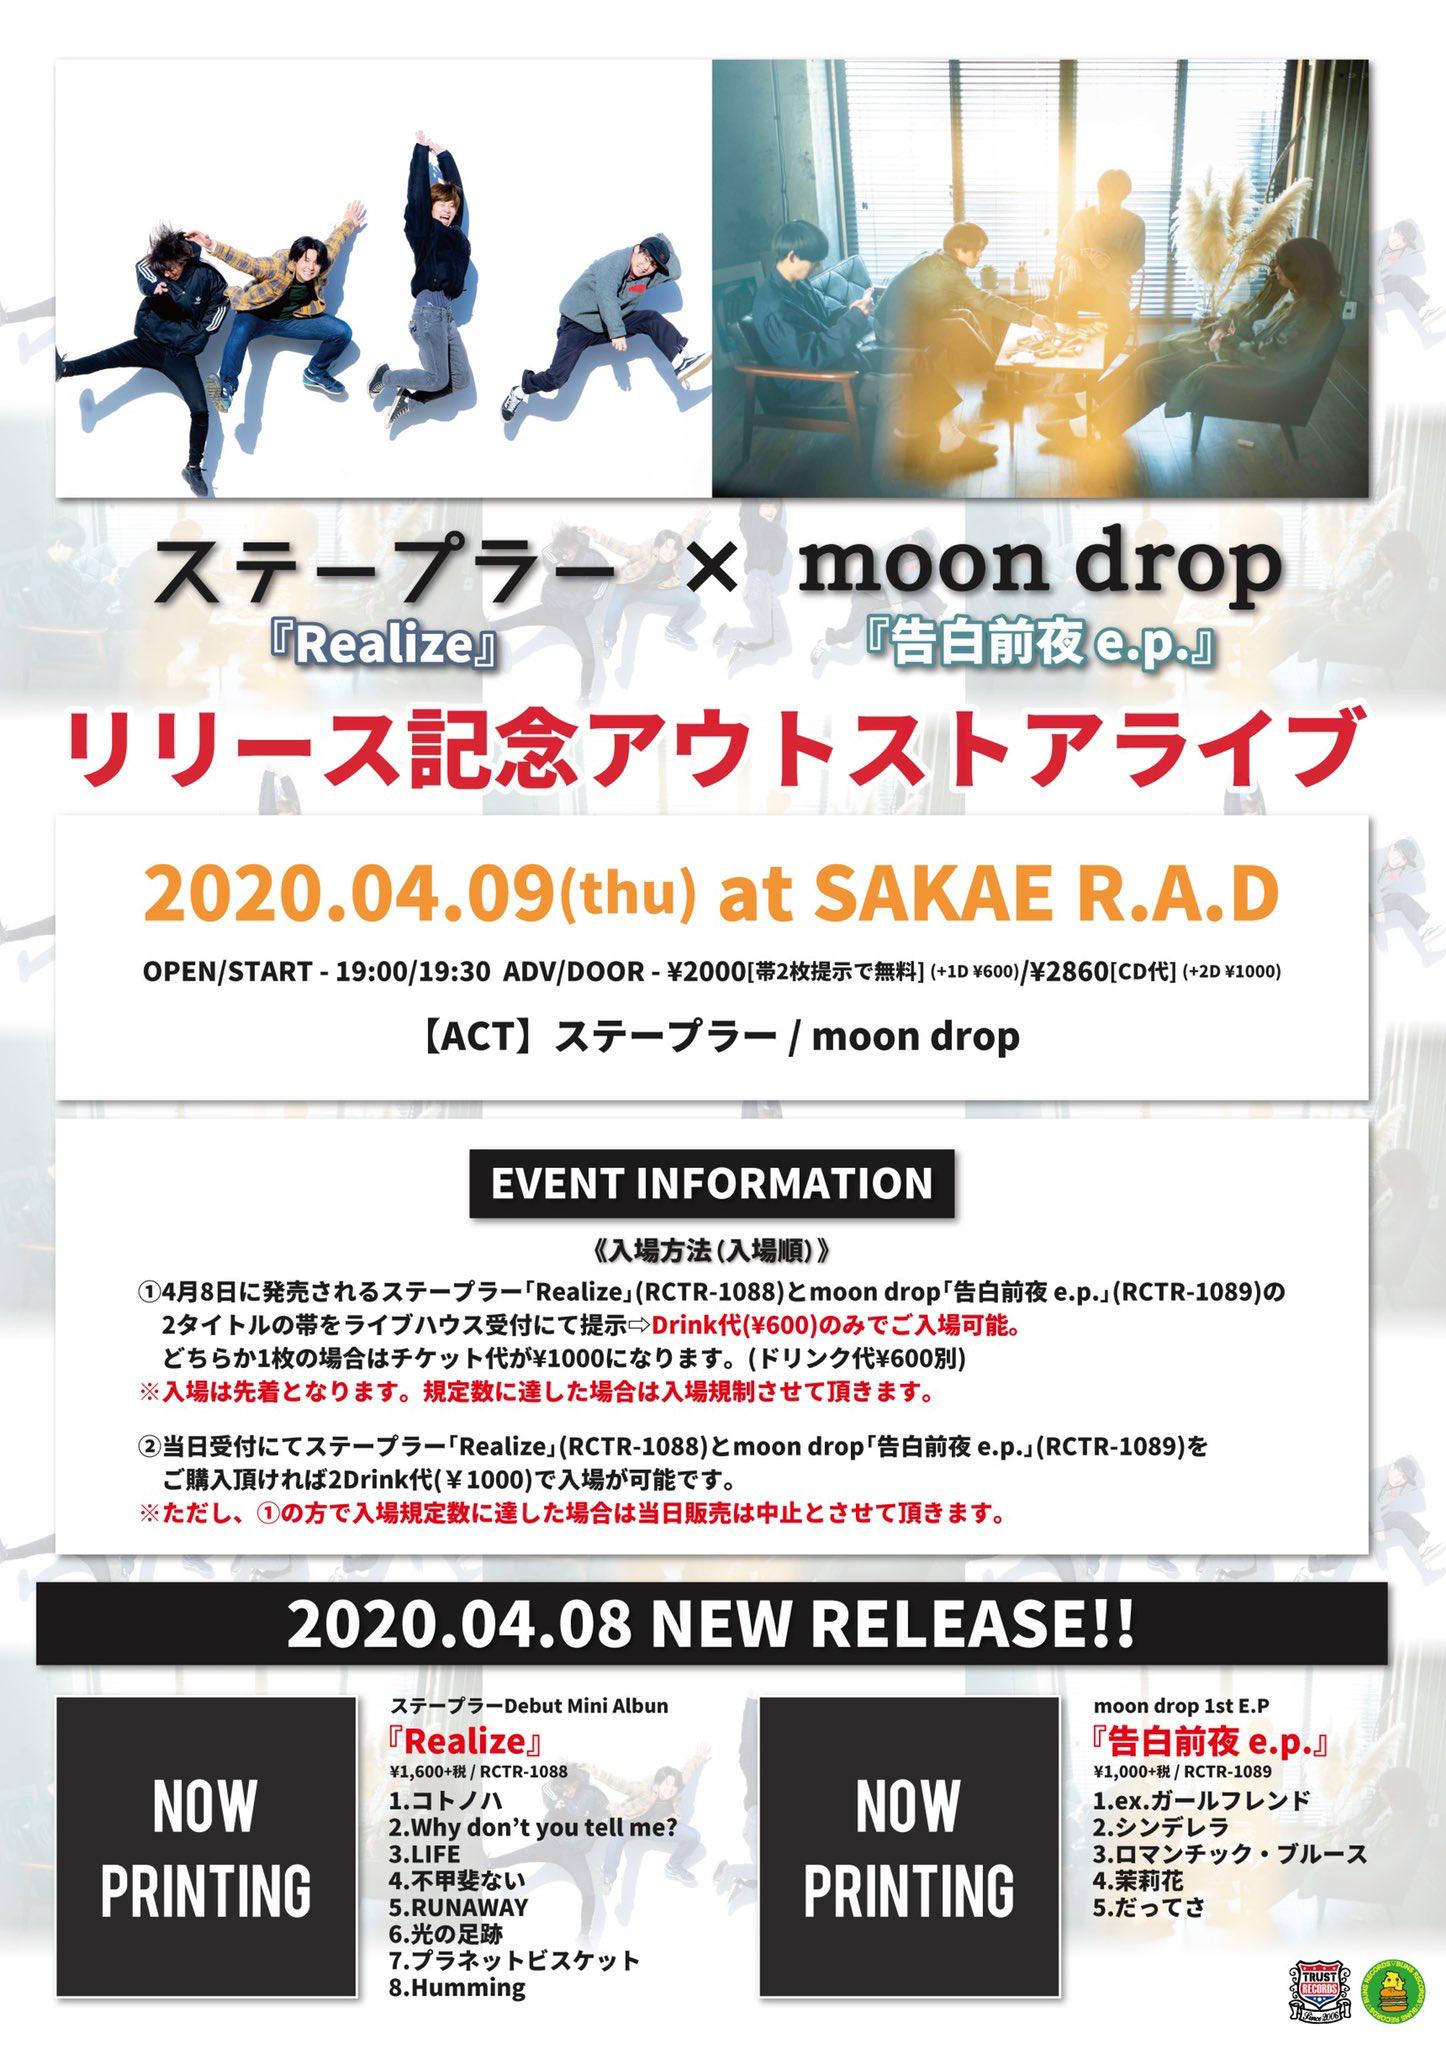 ステープラー『Realize』×moon drop『告白前夜e.p.』リリース記念アウトストアライブ